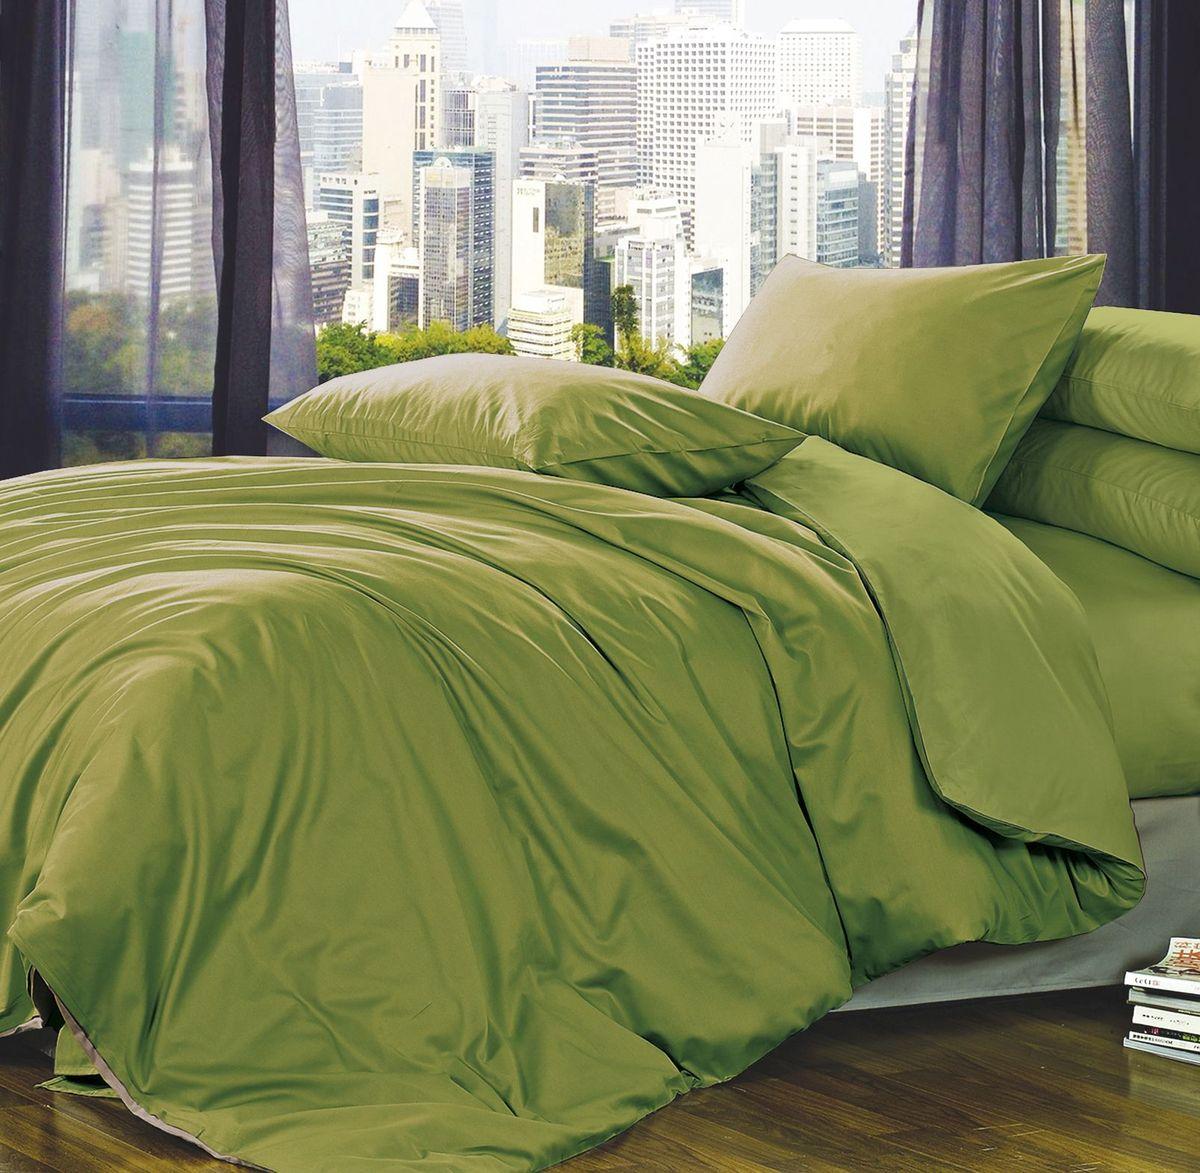 Комплект белья Коллекция Зеленый, 2,5-спальный, наволочки 70x70 смПС2.5/70/ОЗ/зелКомплект постельного белья Коллекция Зеленый выполнен из полисатина. Комплект состоит из пододеяльника, простыни и двух наволочек. Тонкое, средней плотности, с шелковистой поверхностью и приятным блеском постельное белье устойчиво к износу, не выгорает, не линяет, рассчитано на многократные стирки. Двойная скрутка волокон позволяет получать довольно плотный, прочный на разрыв материал. Легко отстирывается, быстро сохнет и самой важно для хозяек - не мнется!